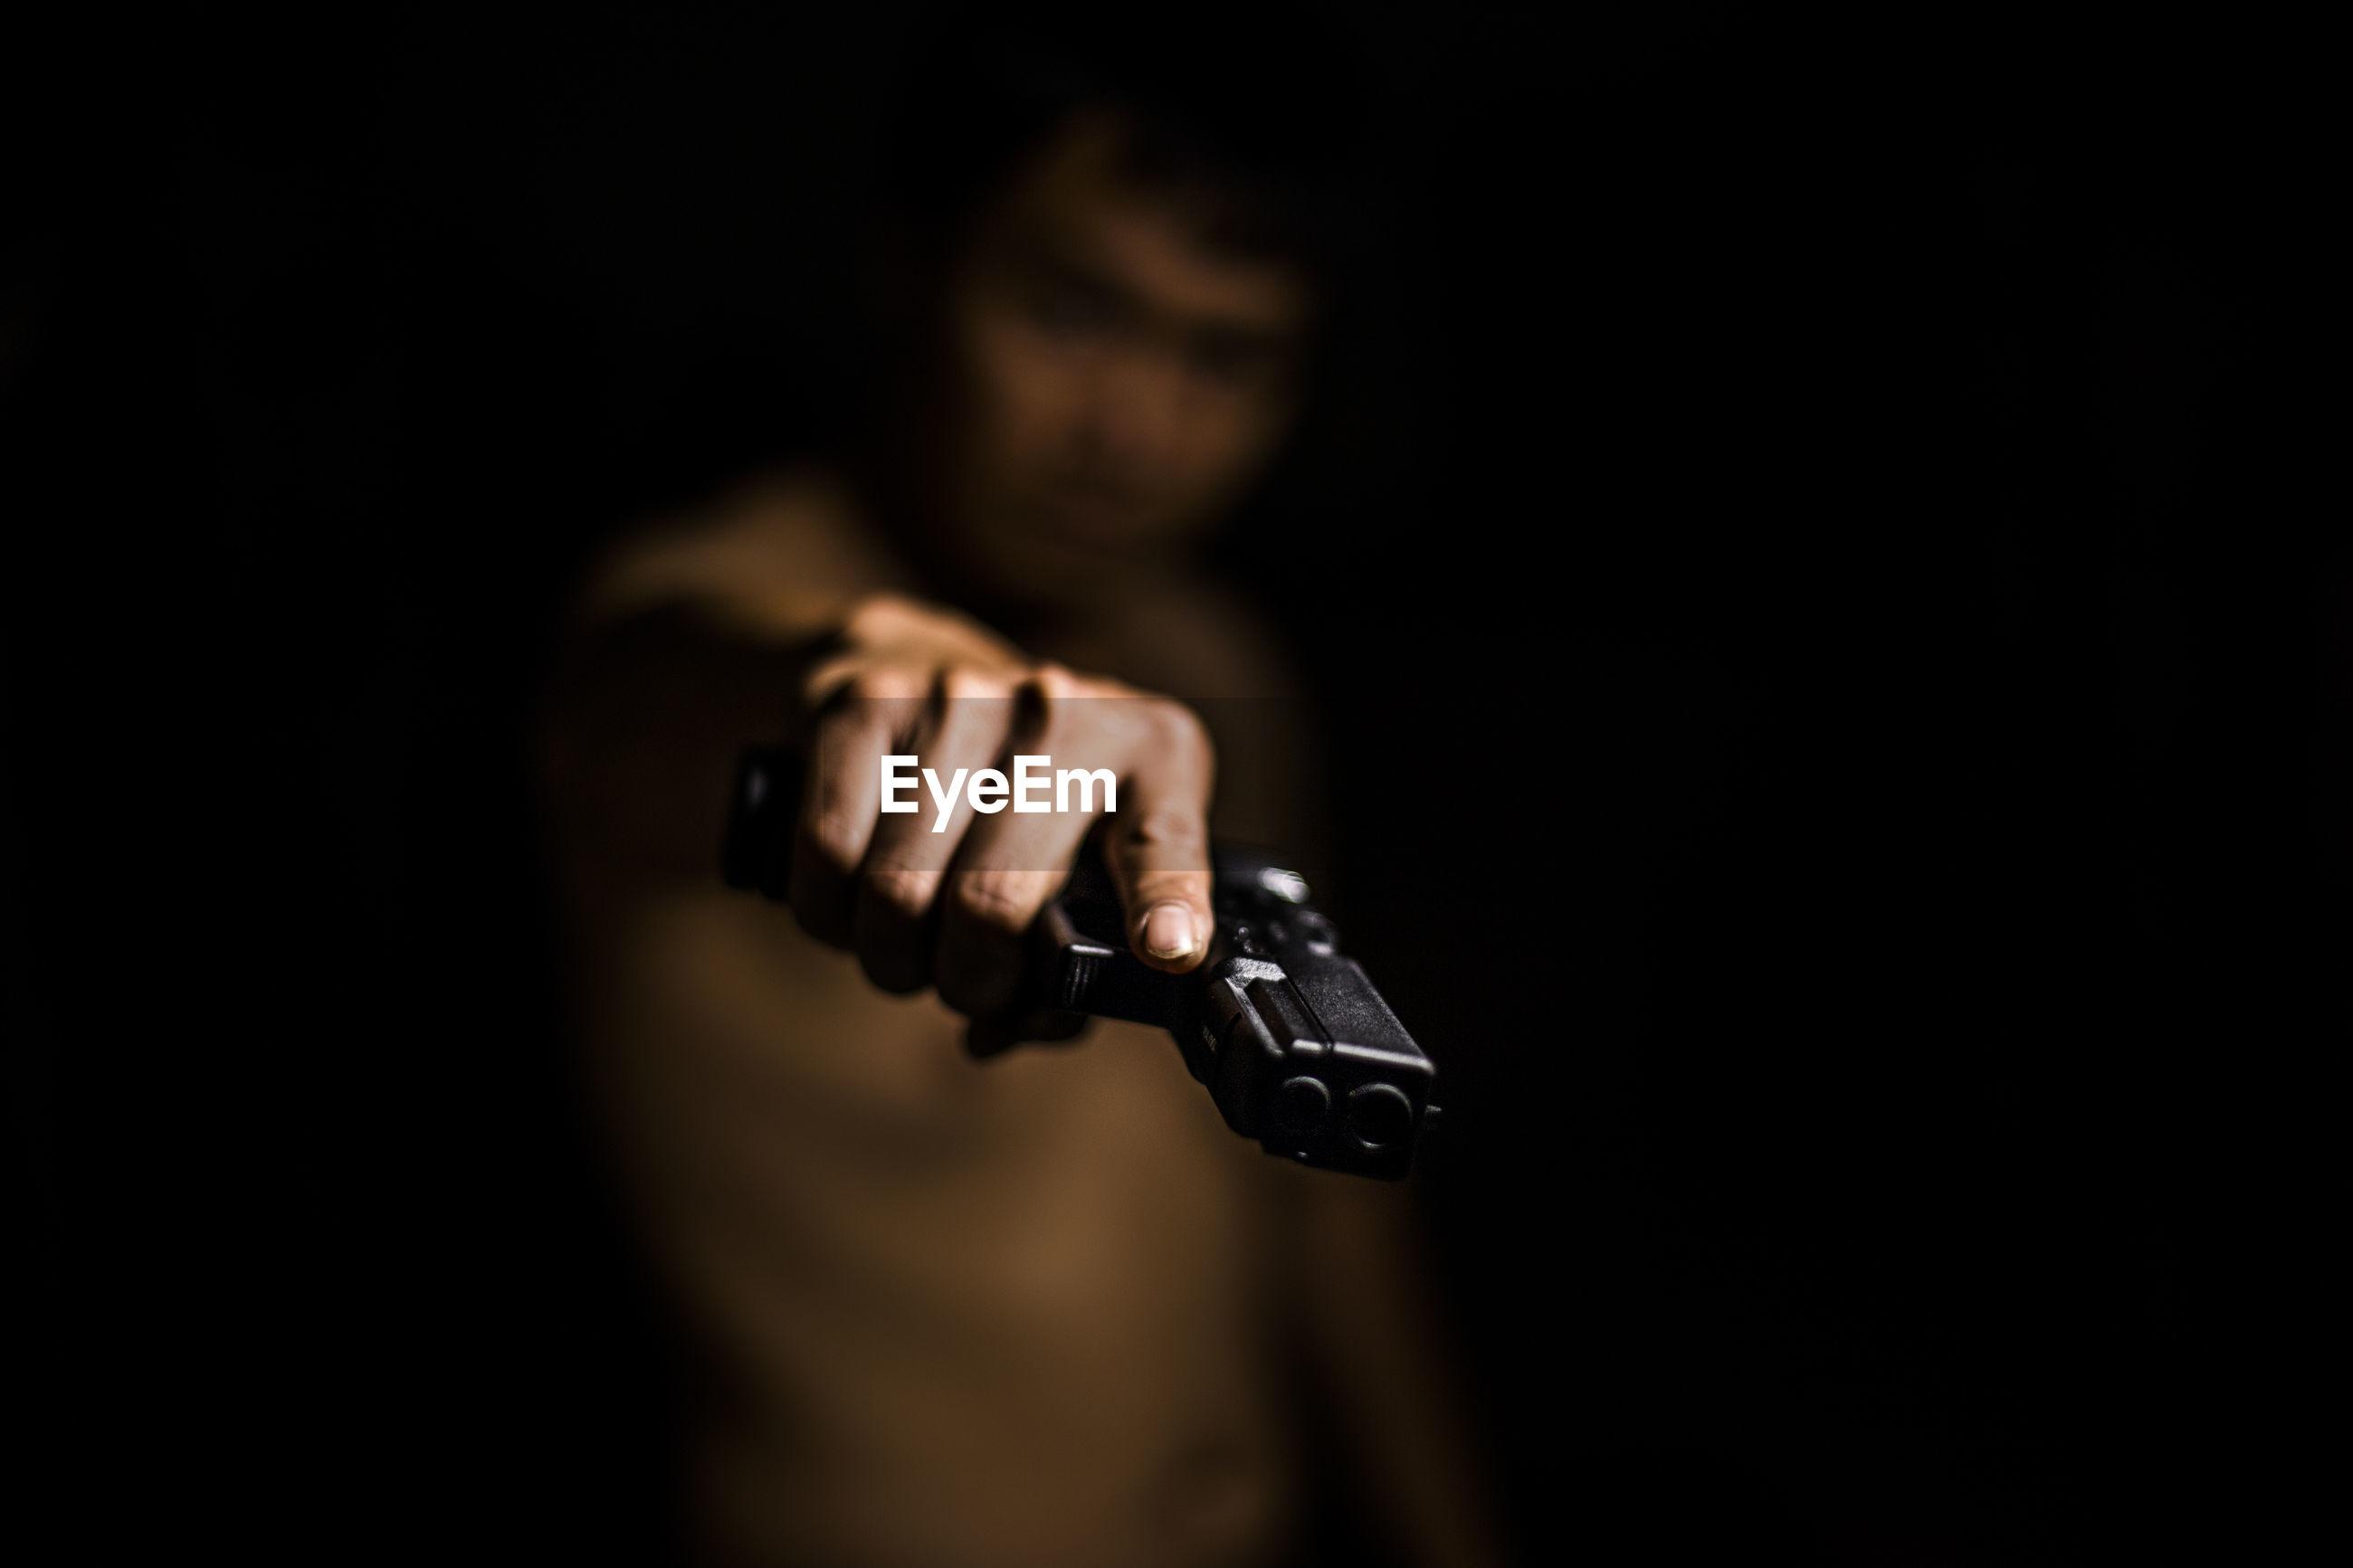 Shirtless man aiming gun against black background